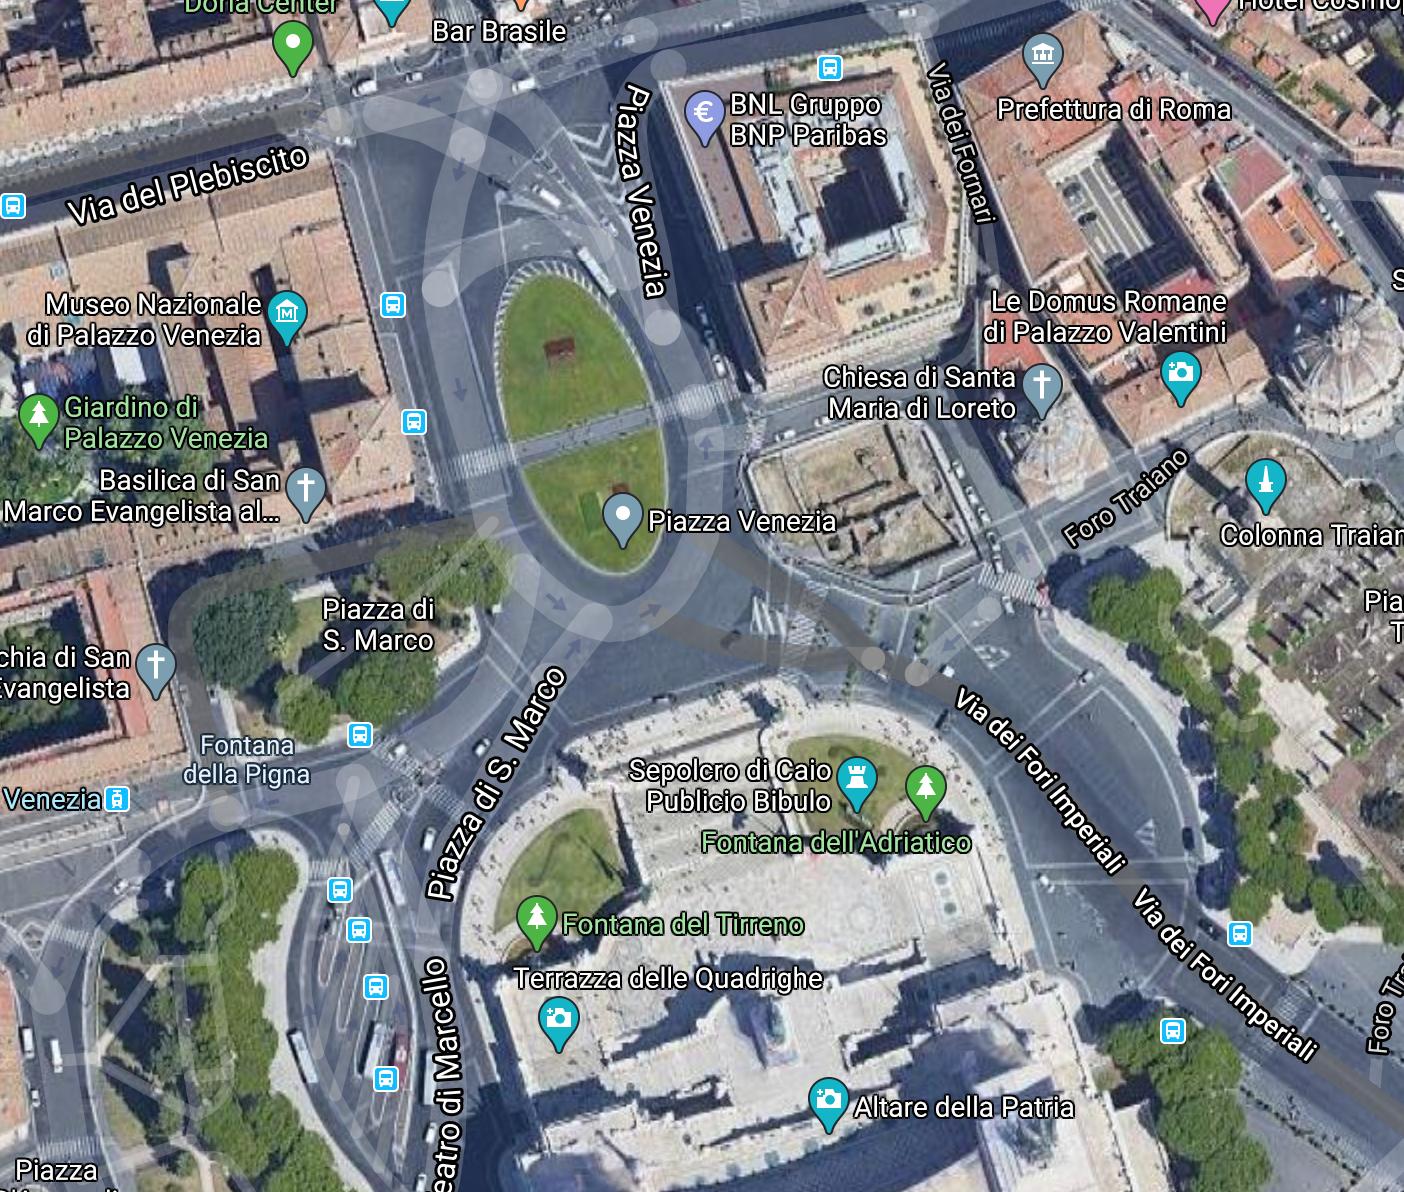 Piazza venezia map